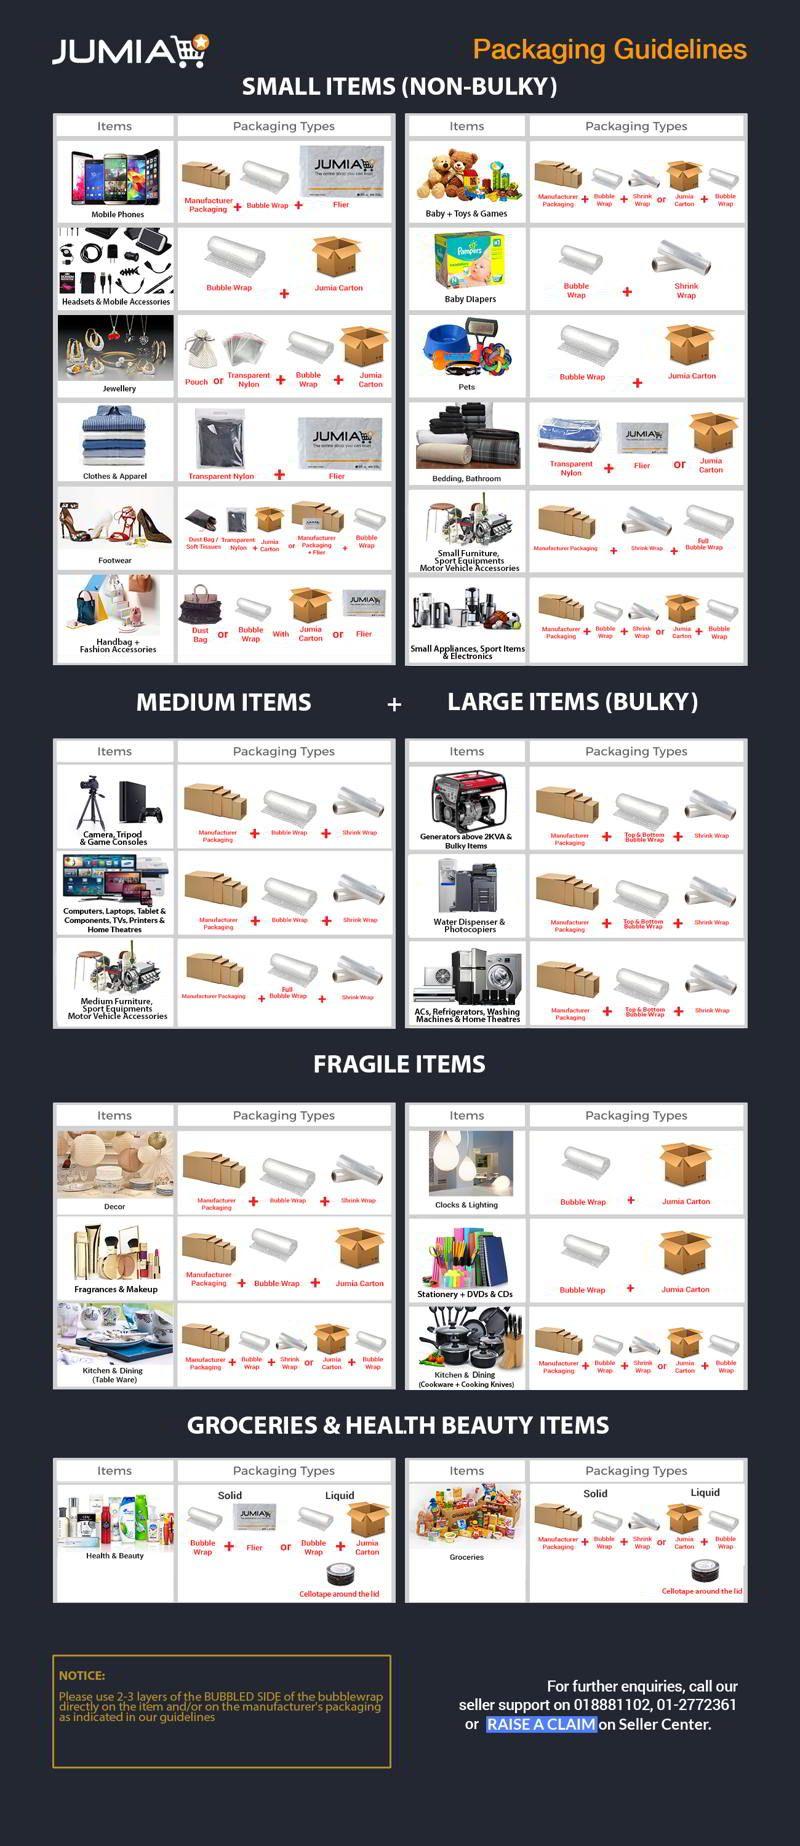 New packaging image1.jpg